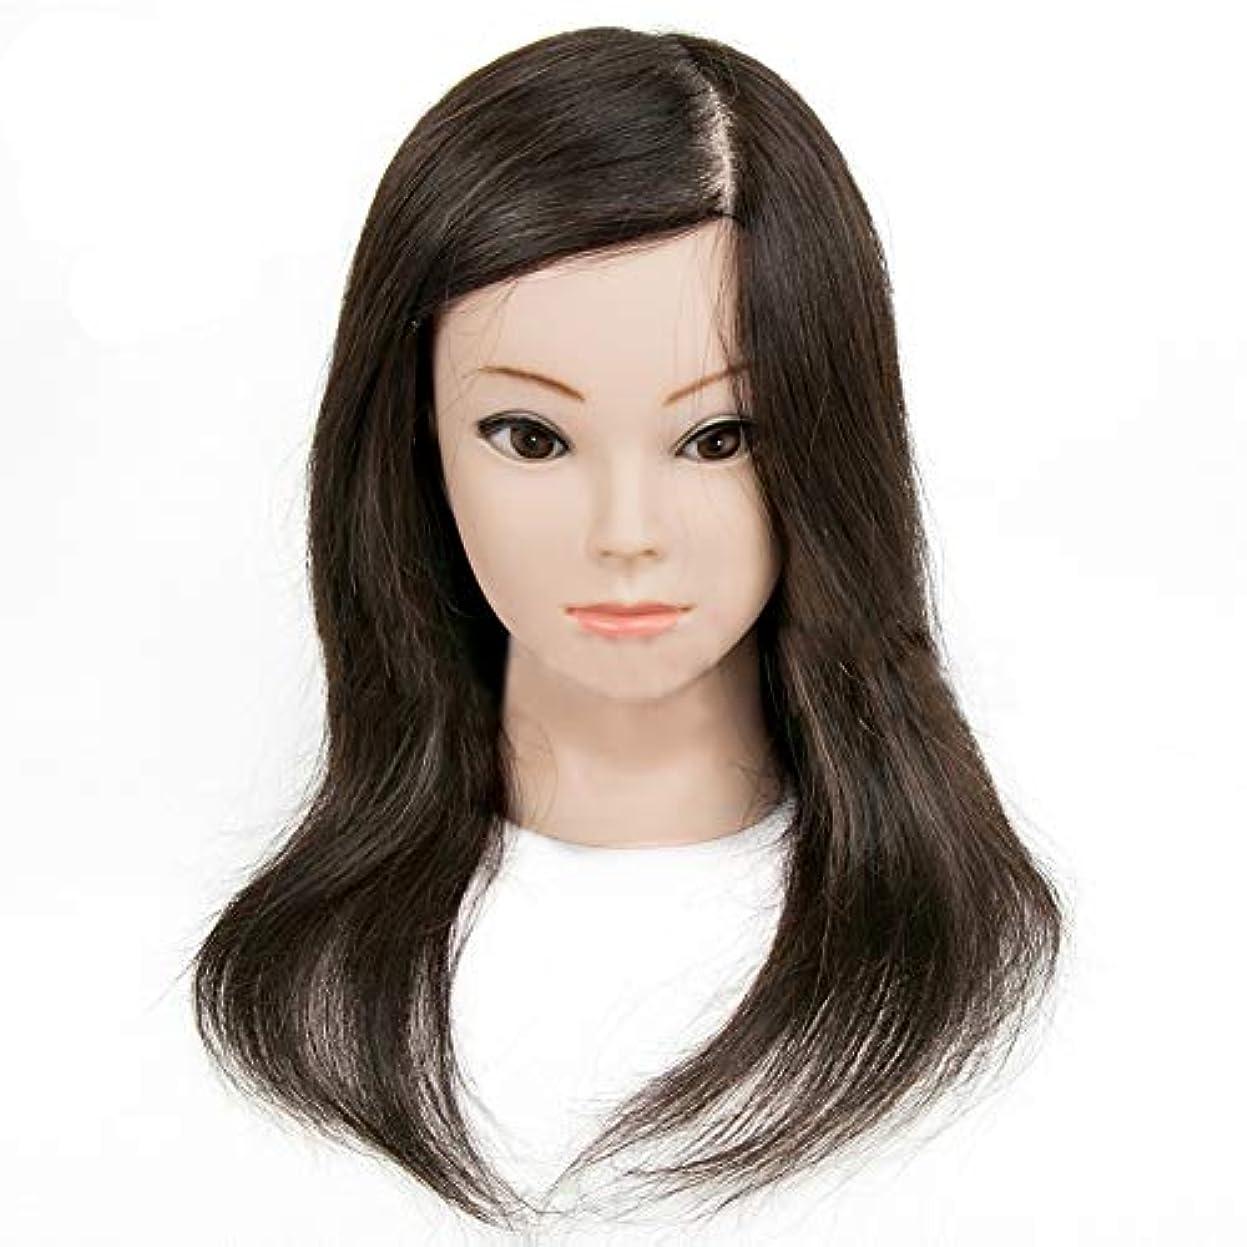 茎火山の脅かす編んだ髪のヘッドモデル本物の人間の髪のスタイルの学習モデルヘッドサロンの学習は熱いと染めた髪のダミーの頭にすることができます